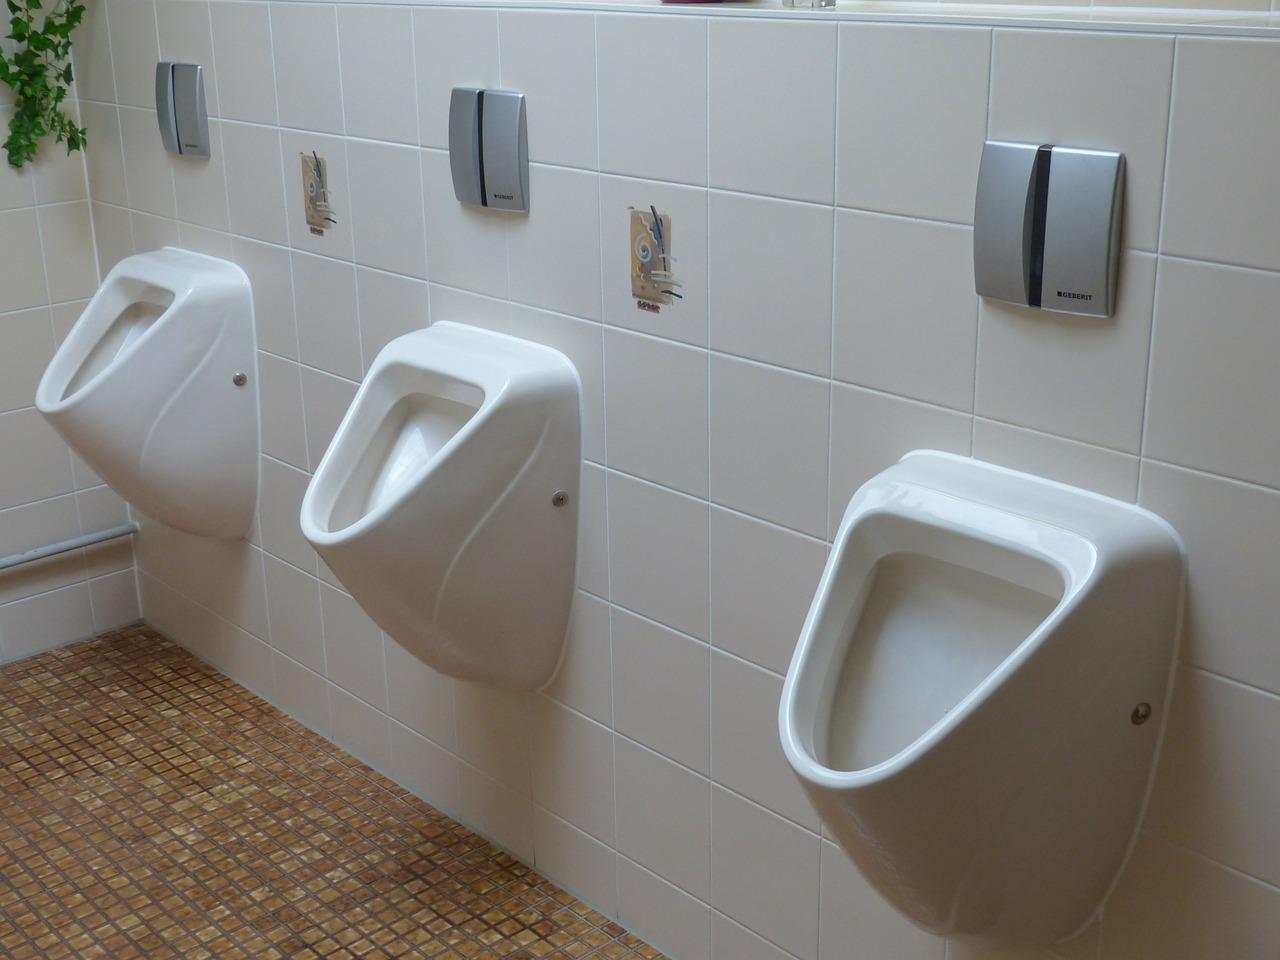 Salle De Bain Urinoir ~ les avantages de l installation d un urinoir la maison les